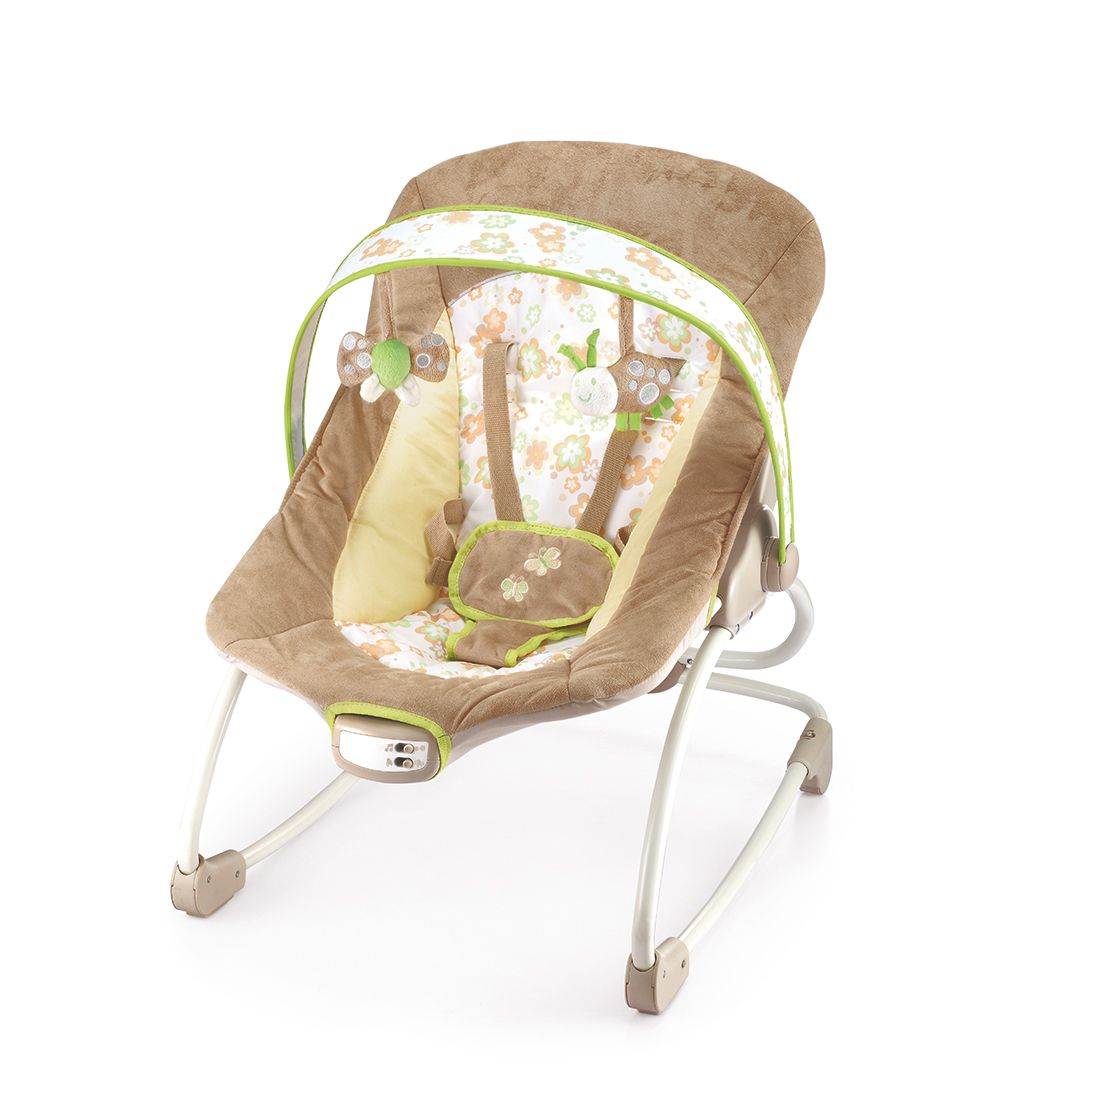 Cadeira De Descanso E Balanço Mastela Até 18kg - Marrom  - Encanto Baby